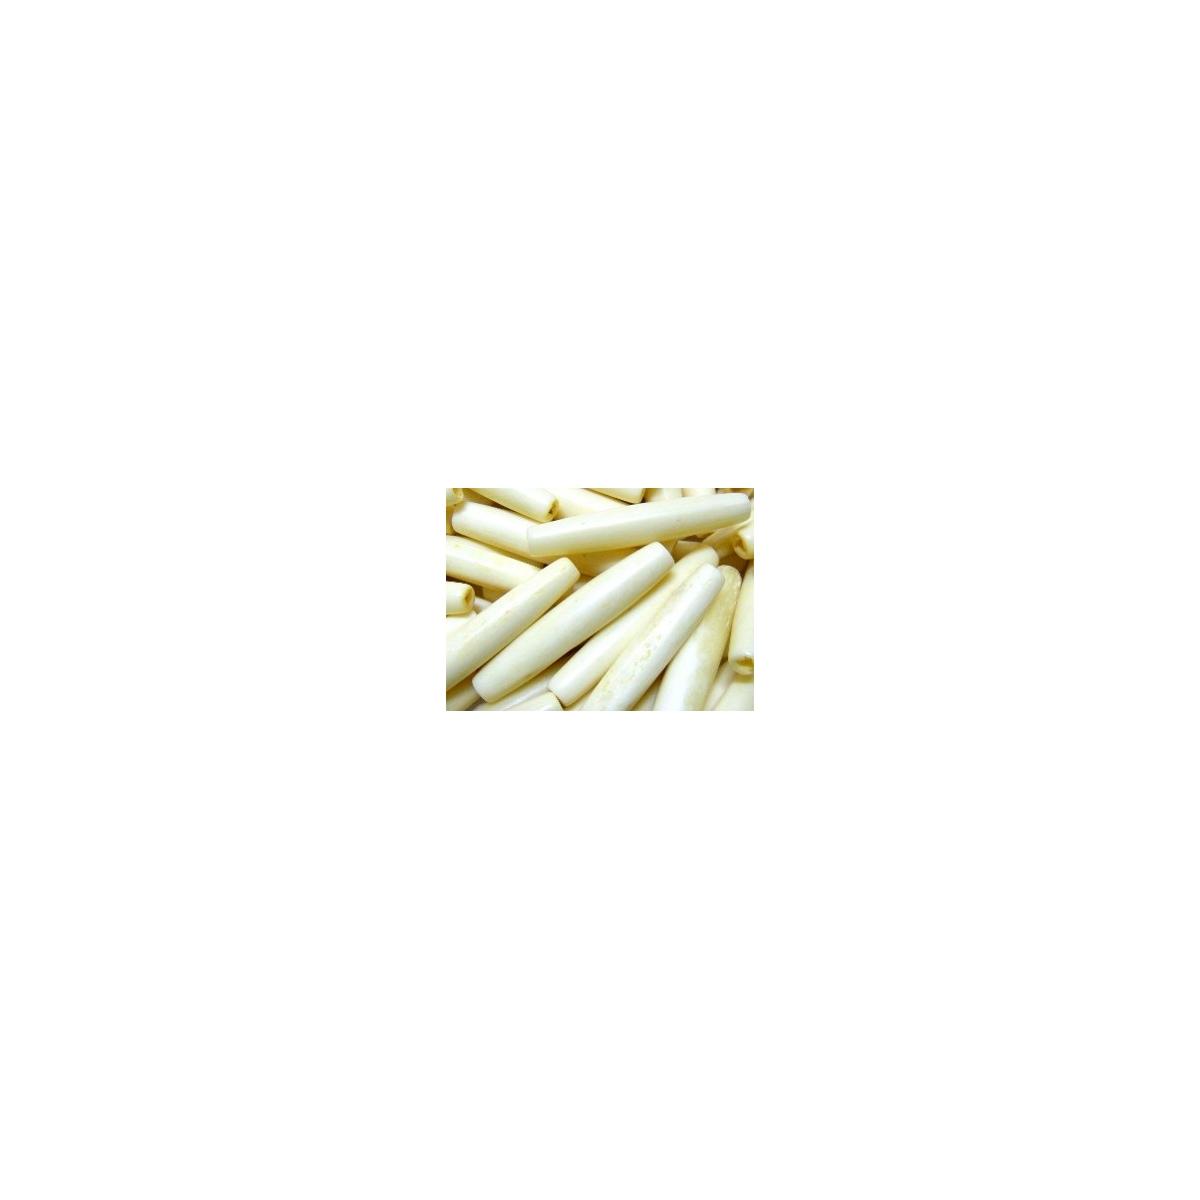 Bone Tube 36x6mm - Natural Bone